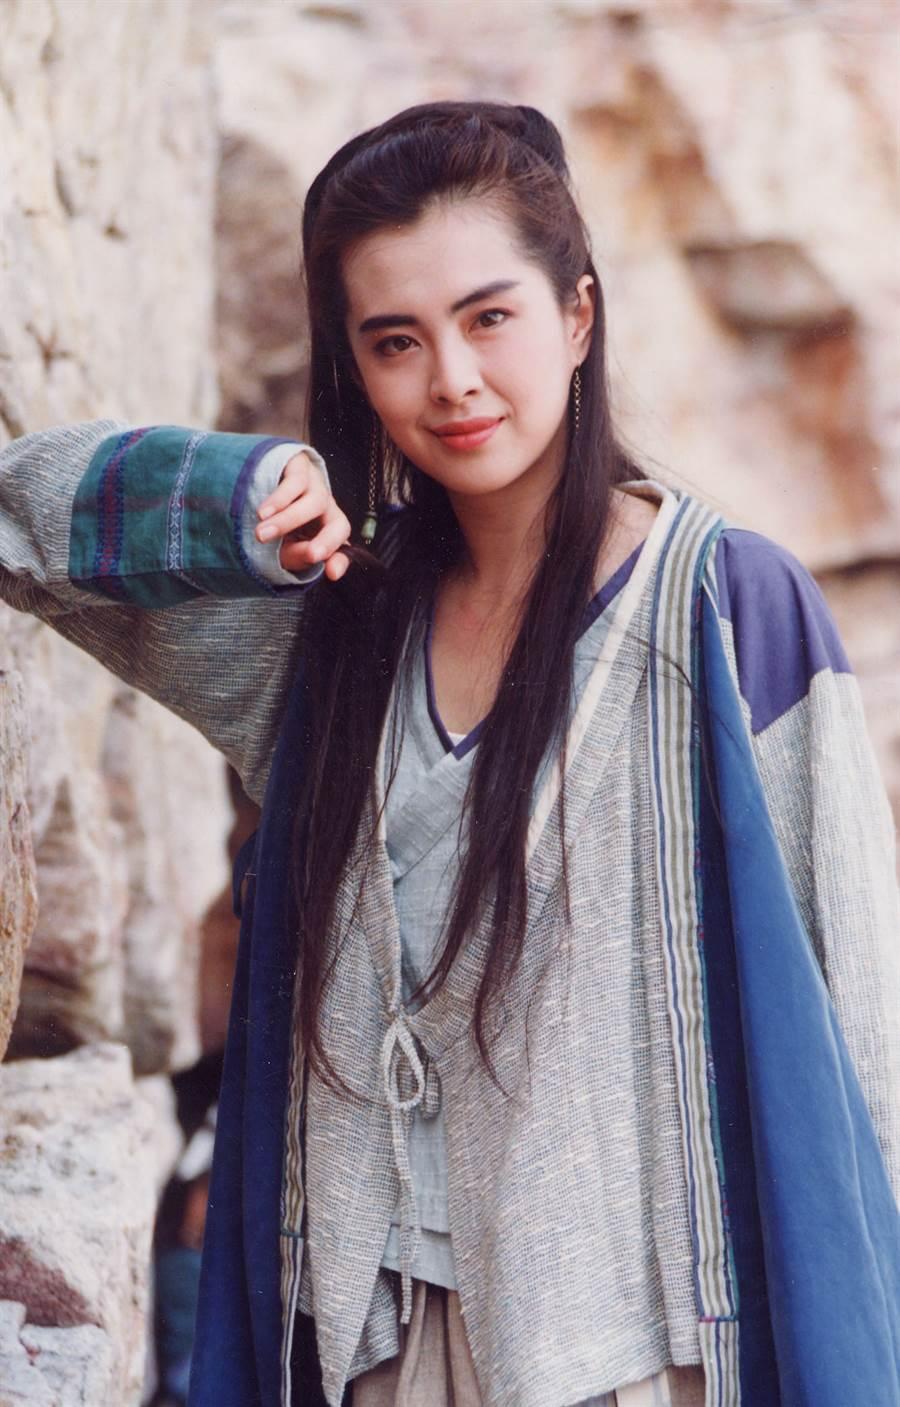 演藝圈一代美女王祖賢。(本報系資料照)